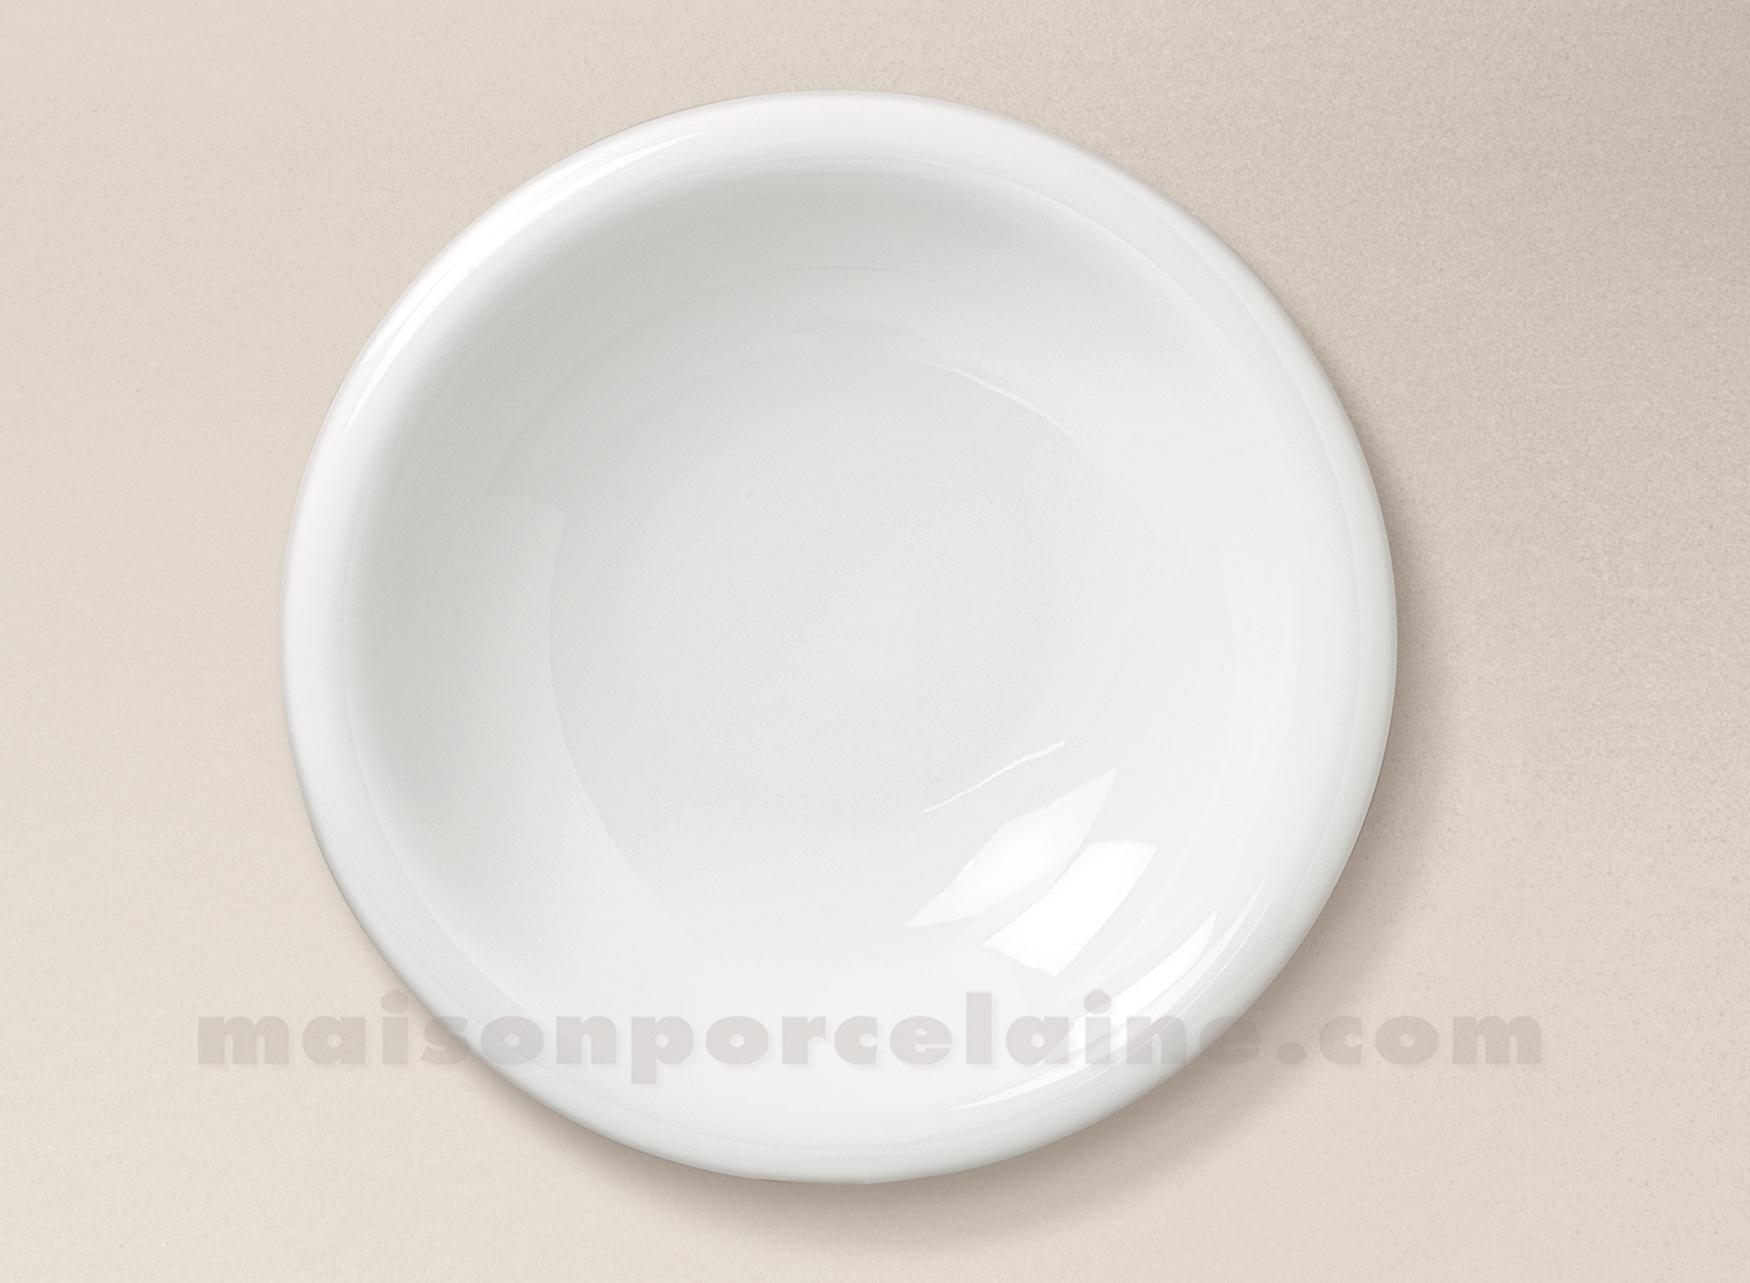 assiette pasta porcelaine blanche ronda d27 85cl maison. Black Bedroom Furniture Sets. Home Design Ideas